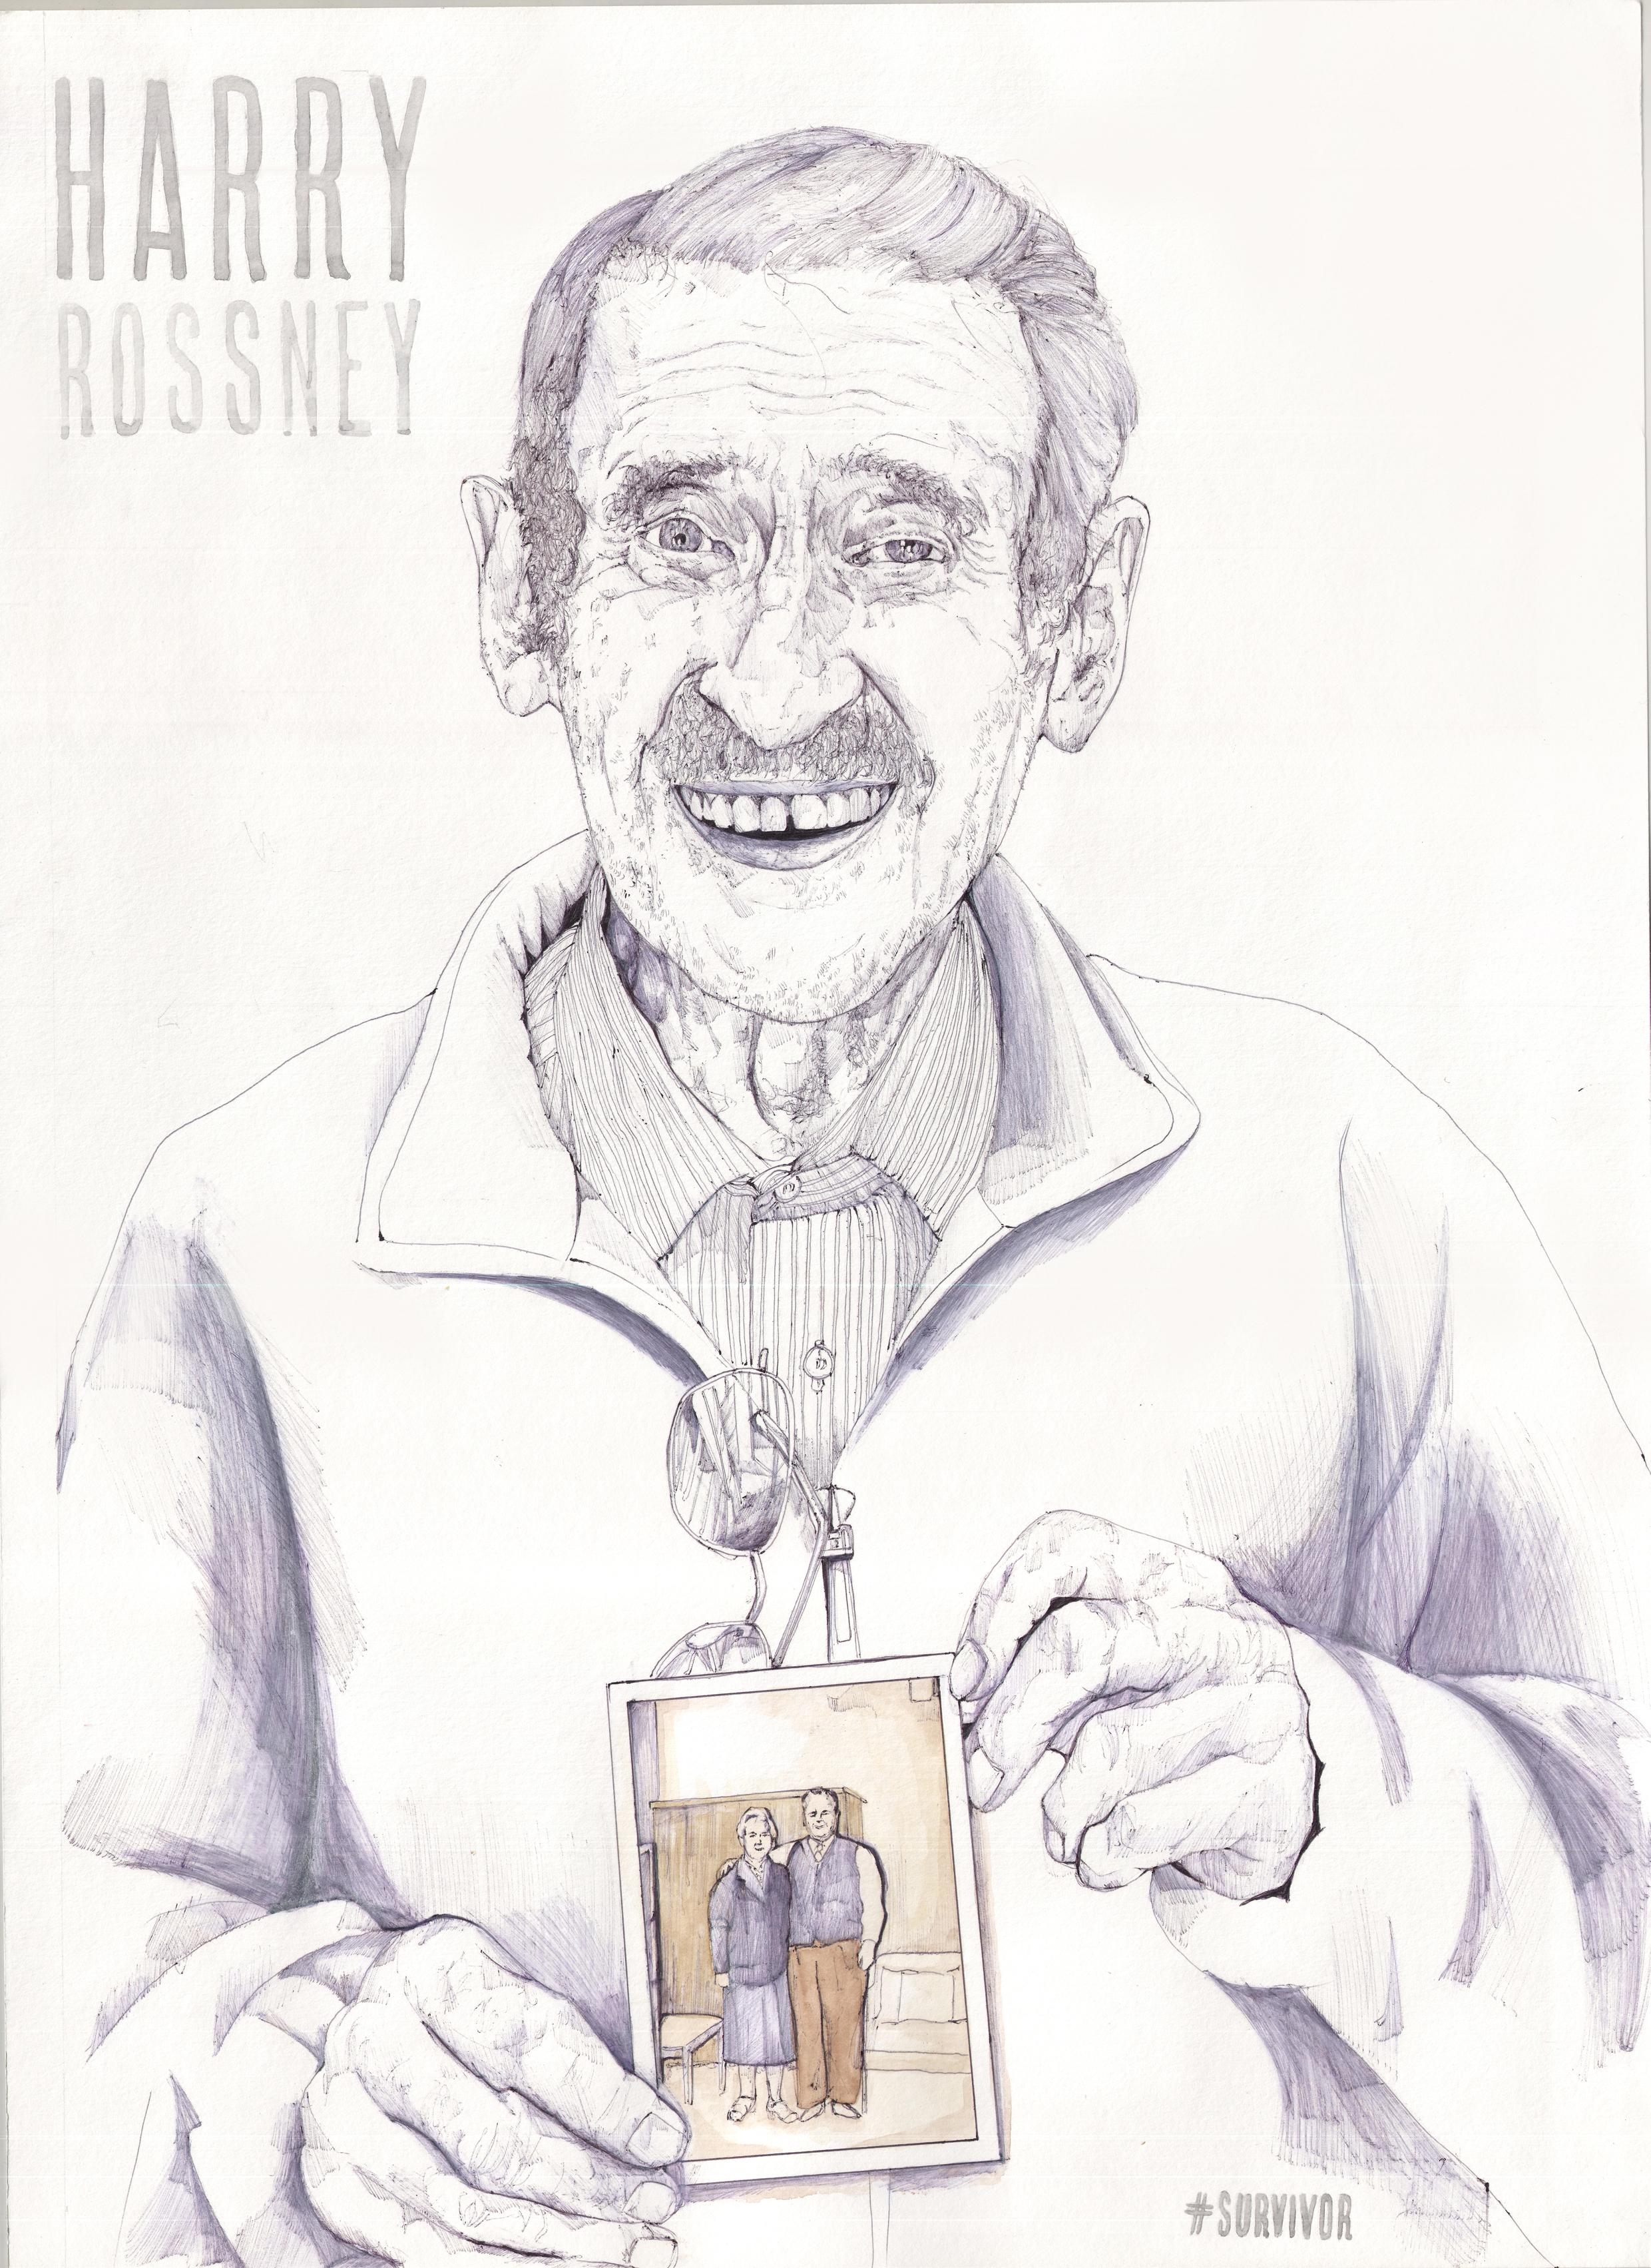 Harry Rossney